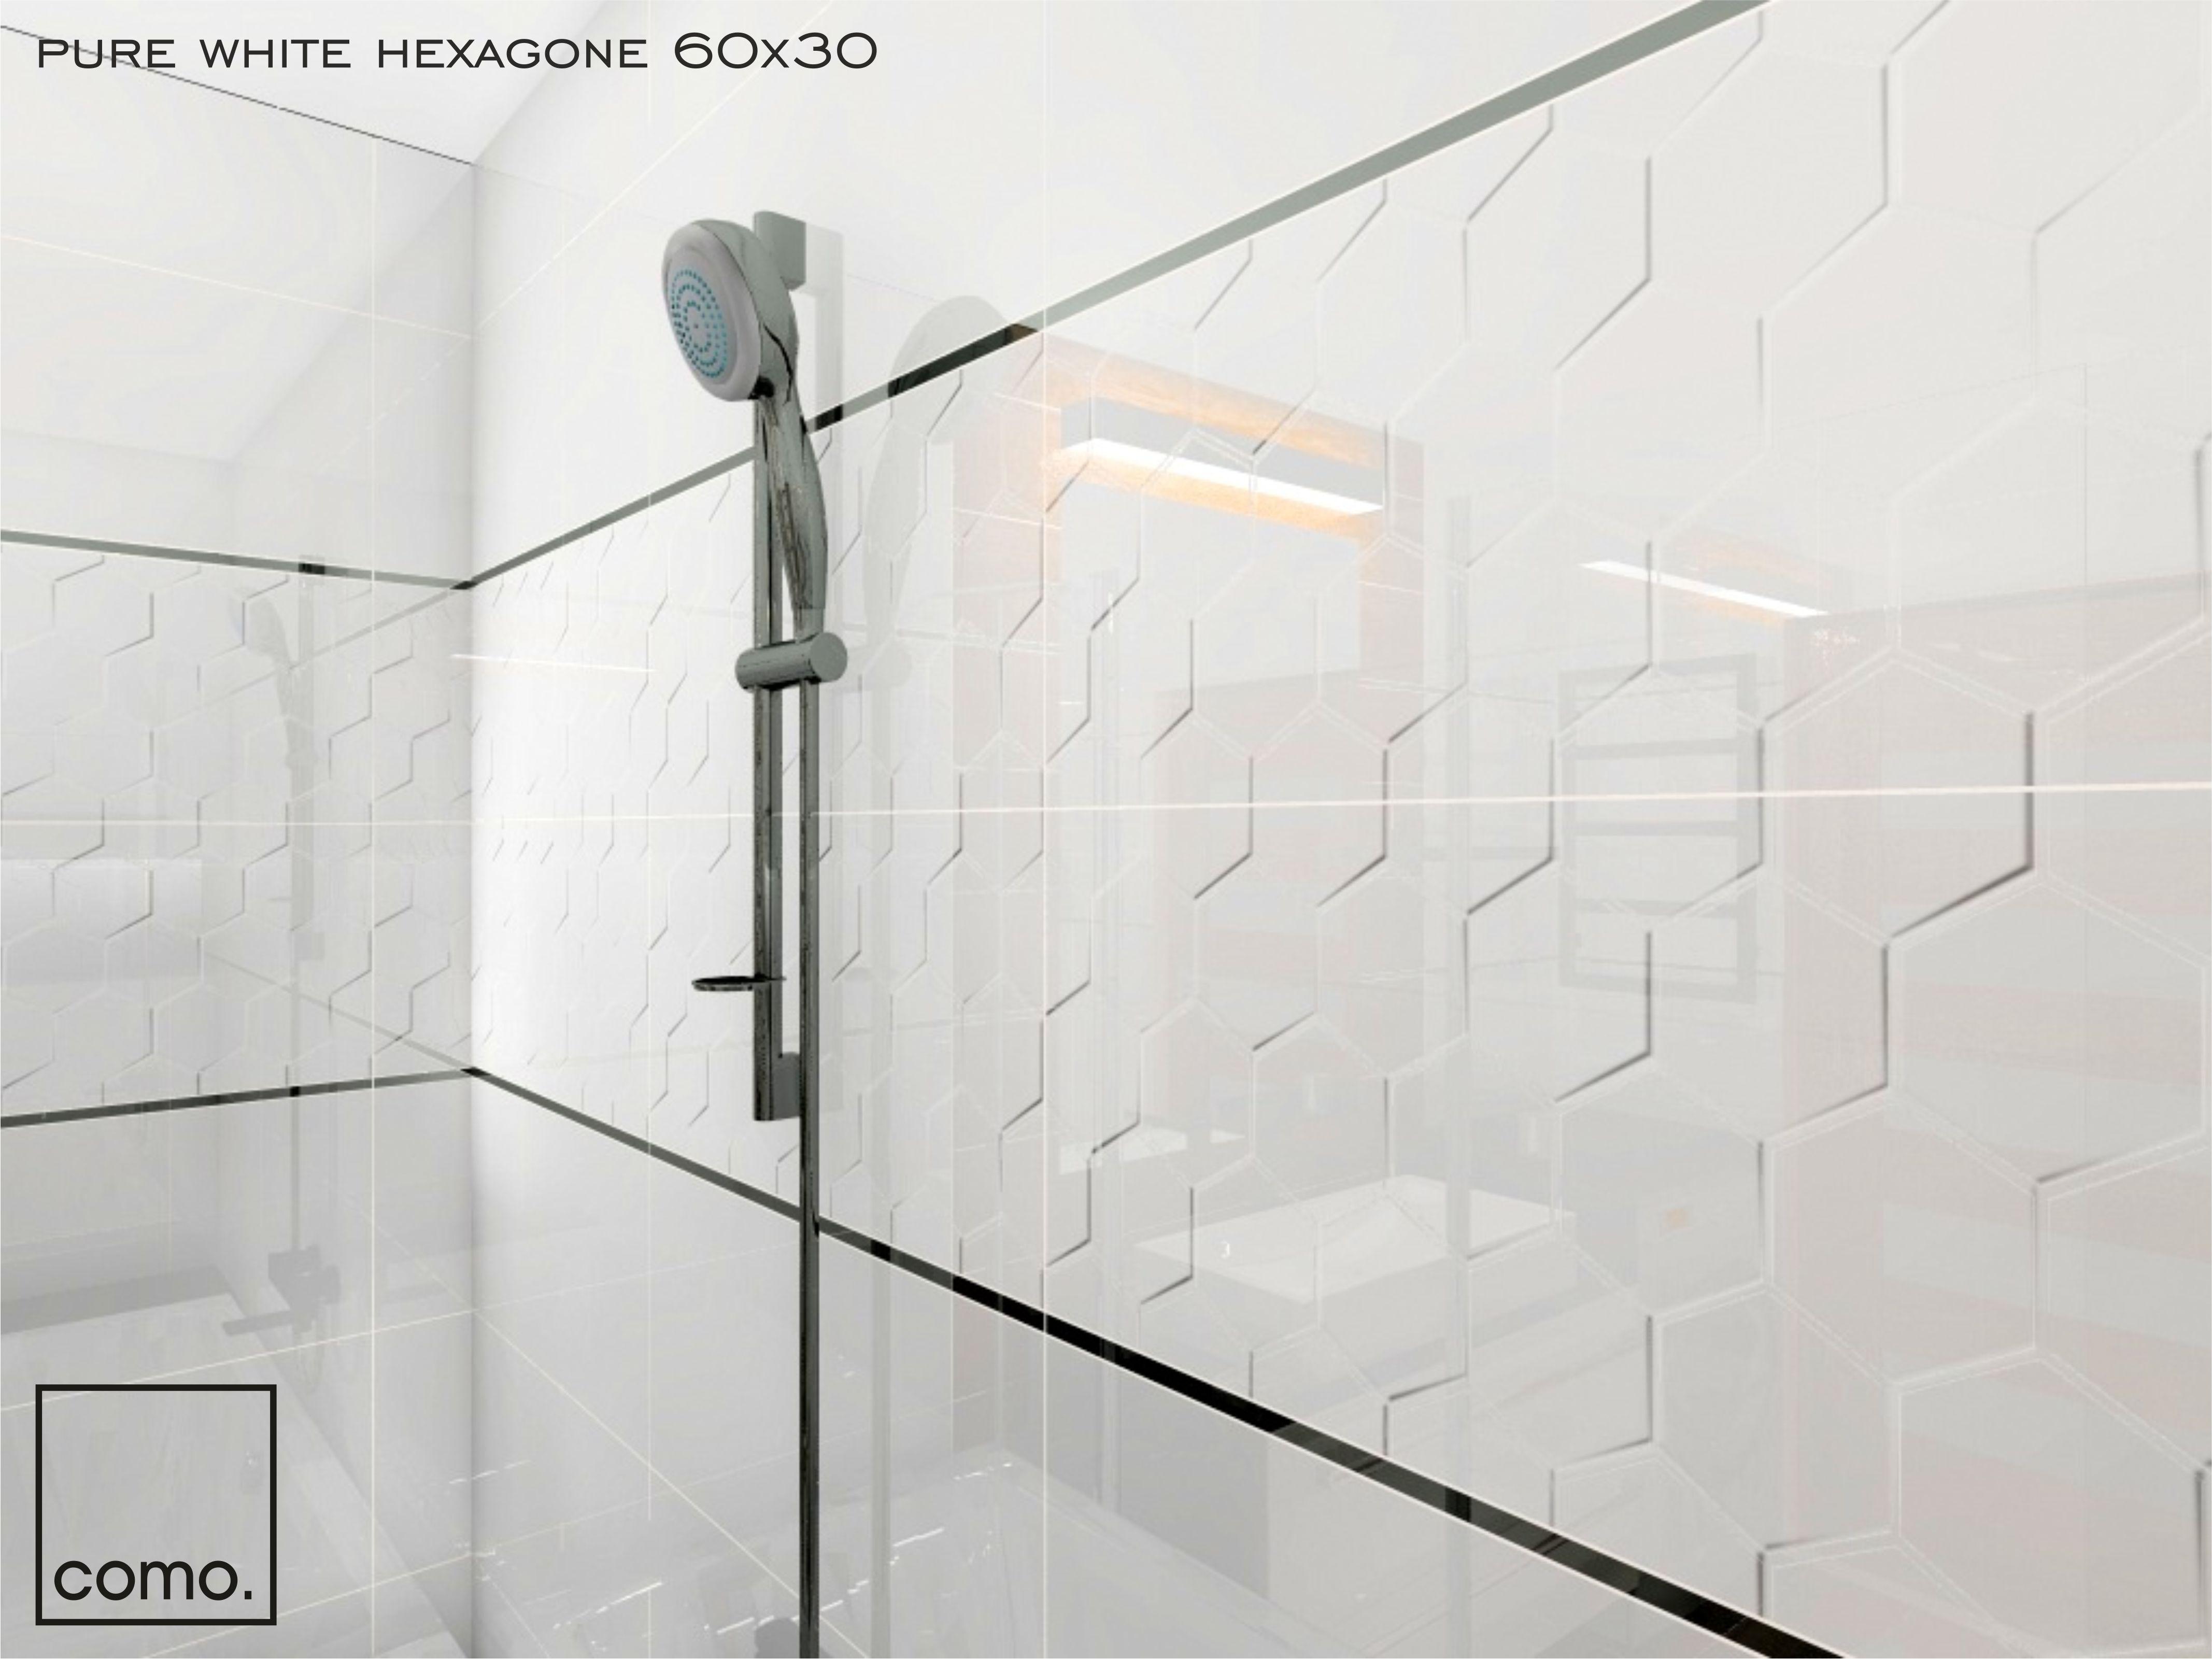 Płytki 3d Glazura Biała Pure White Hexagone 60x30cm Gat I Płytki Ceramiczne 3d Kaflando